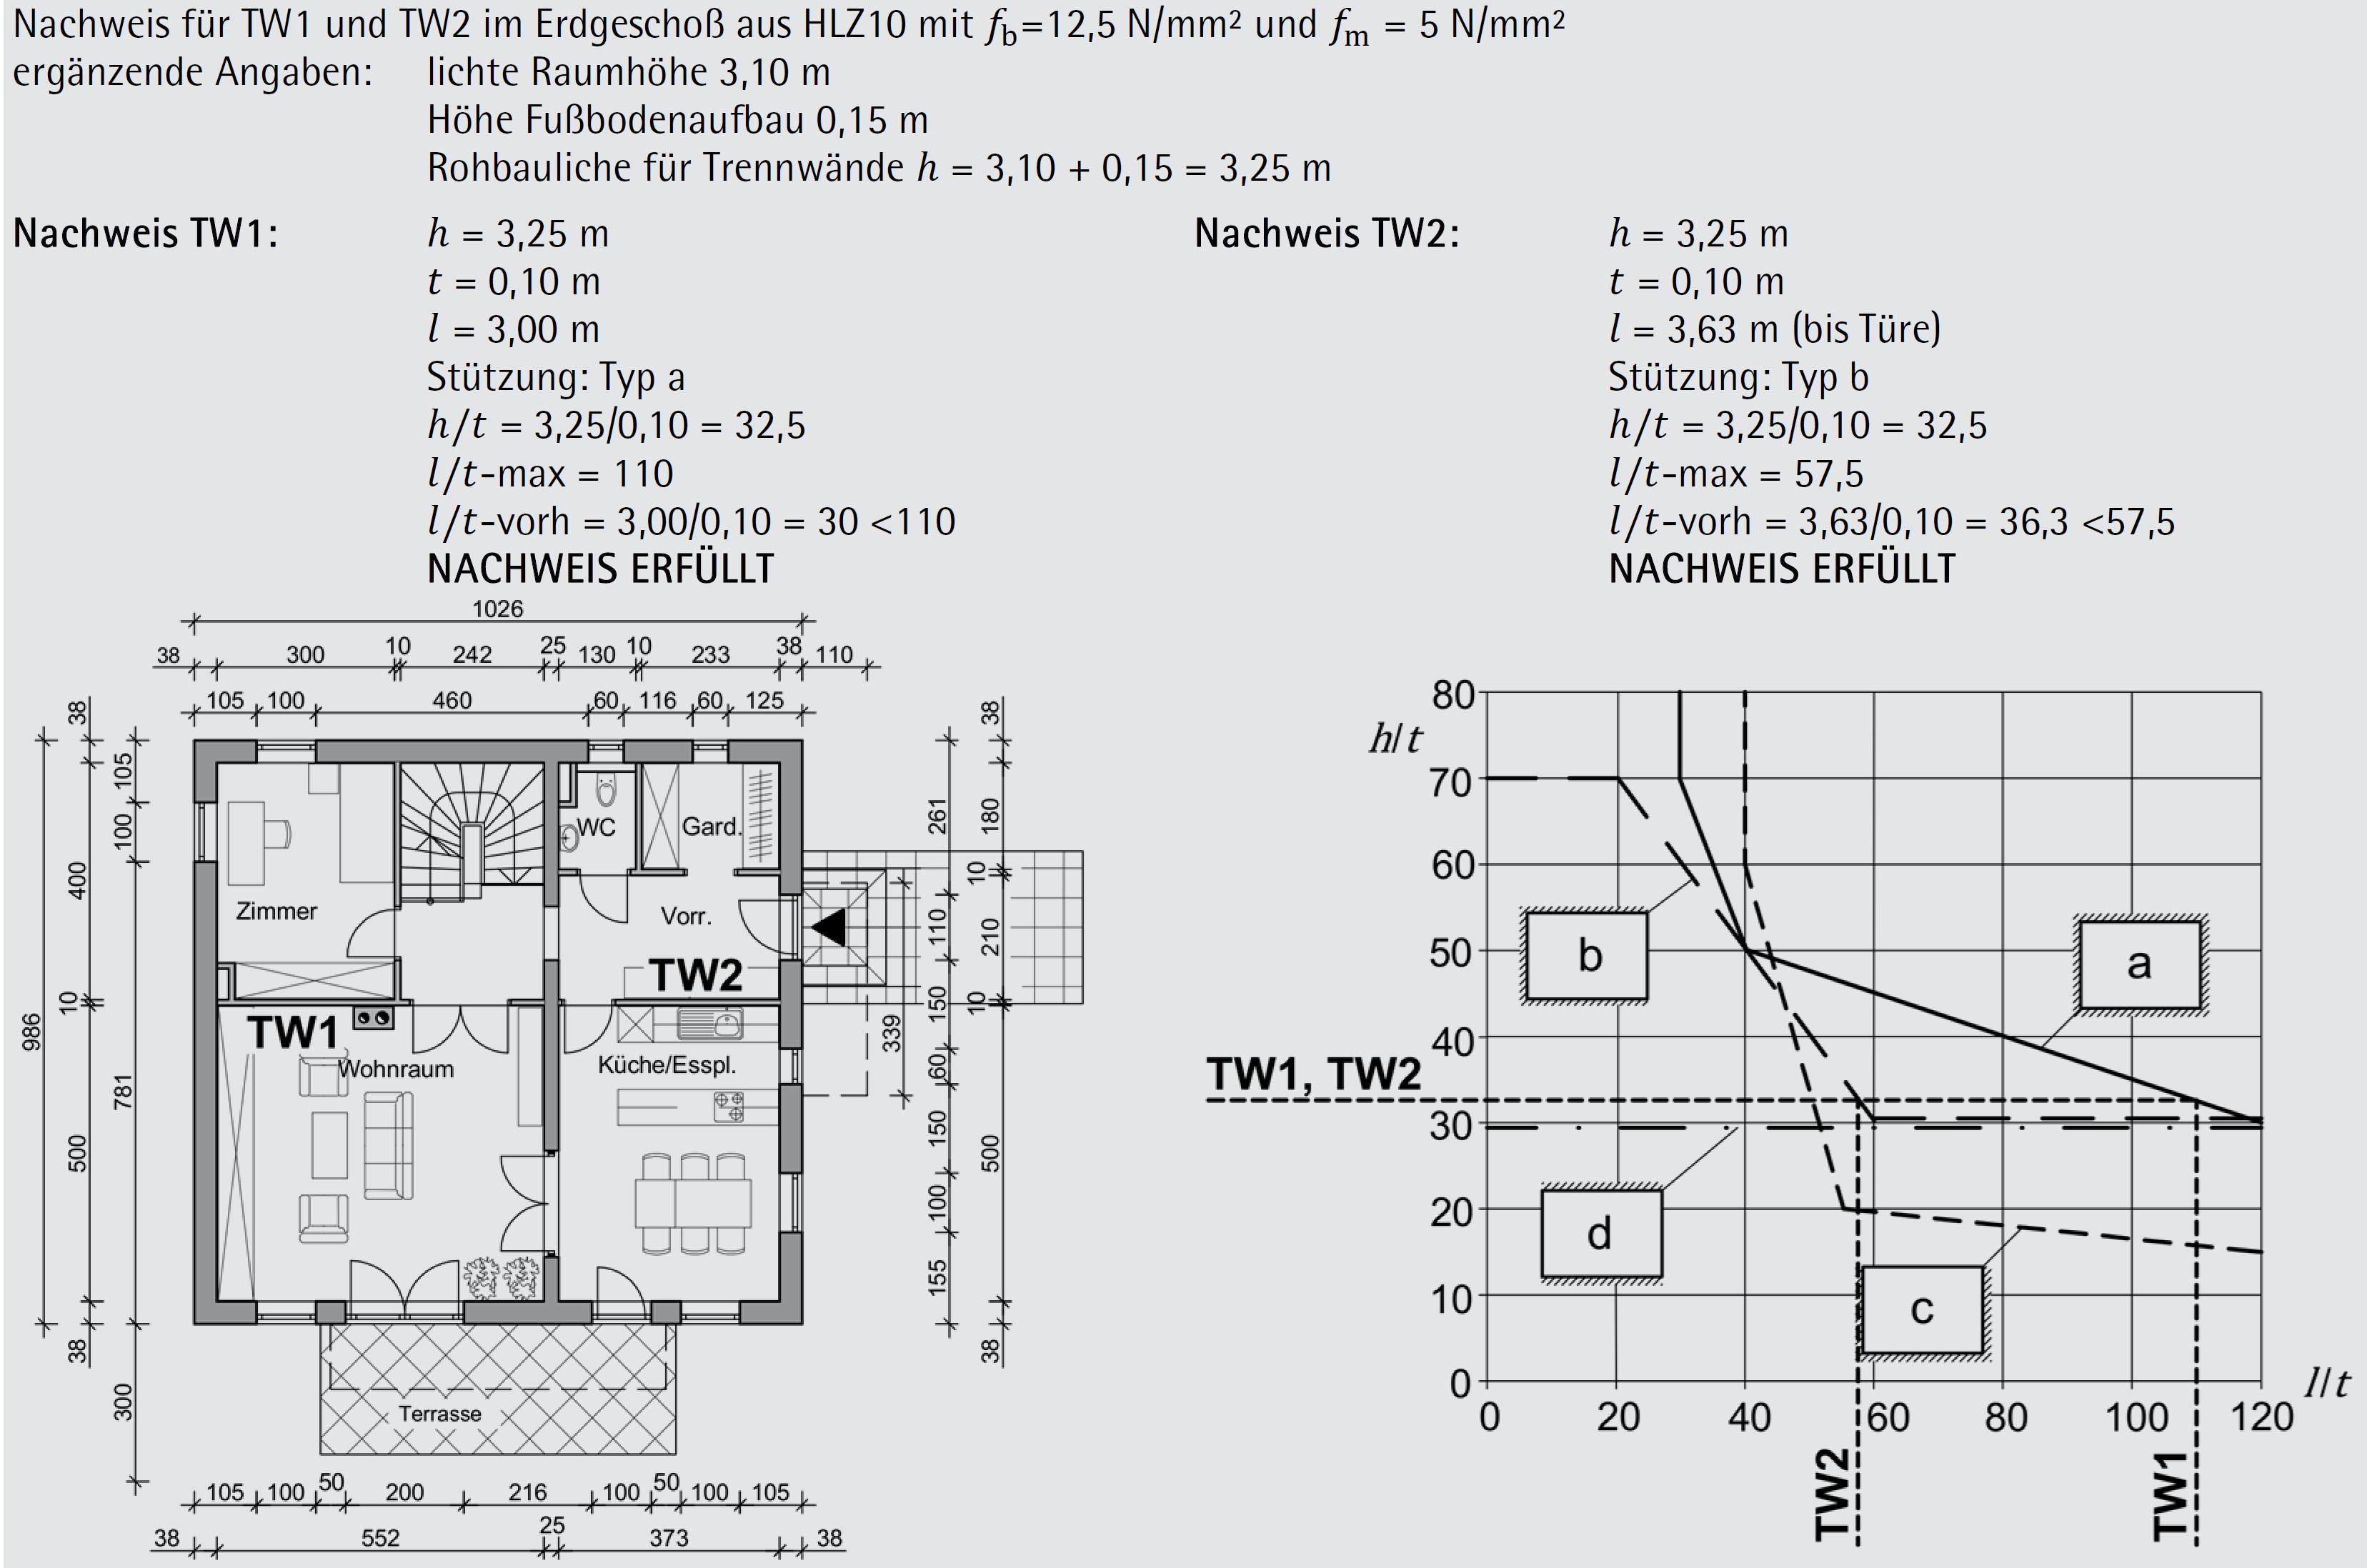 Beispiel 6-14: begrenzt horizontal, aber nicht vertikal beanspruchte nichttragende Innenwand